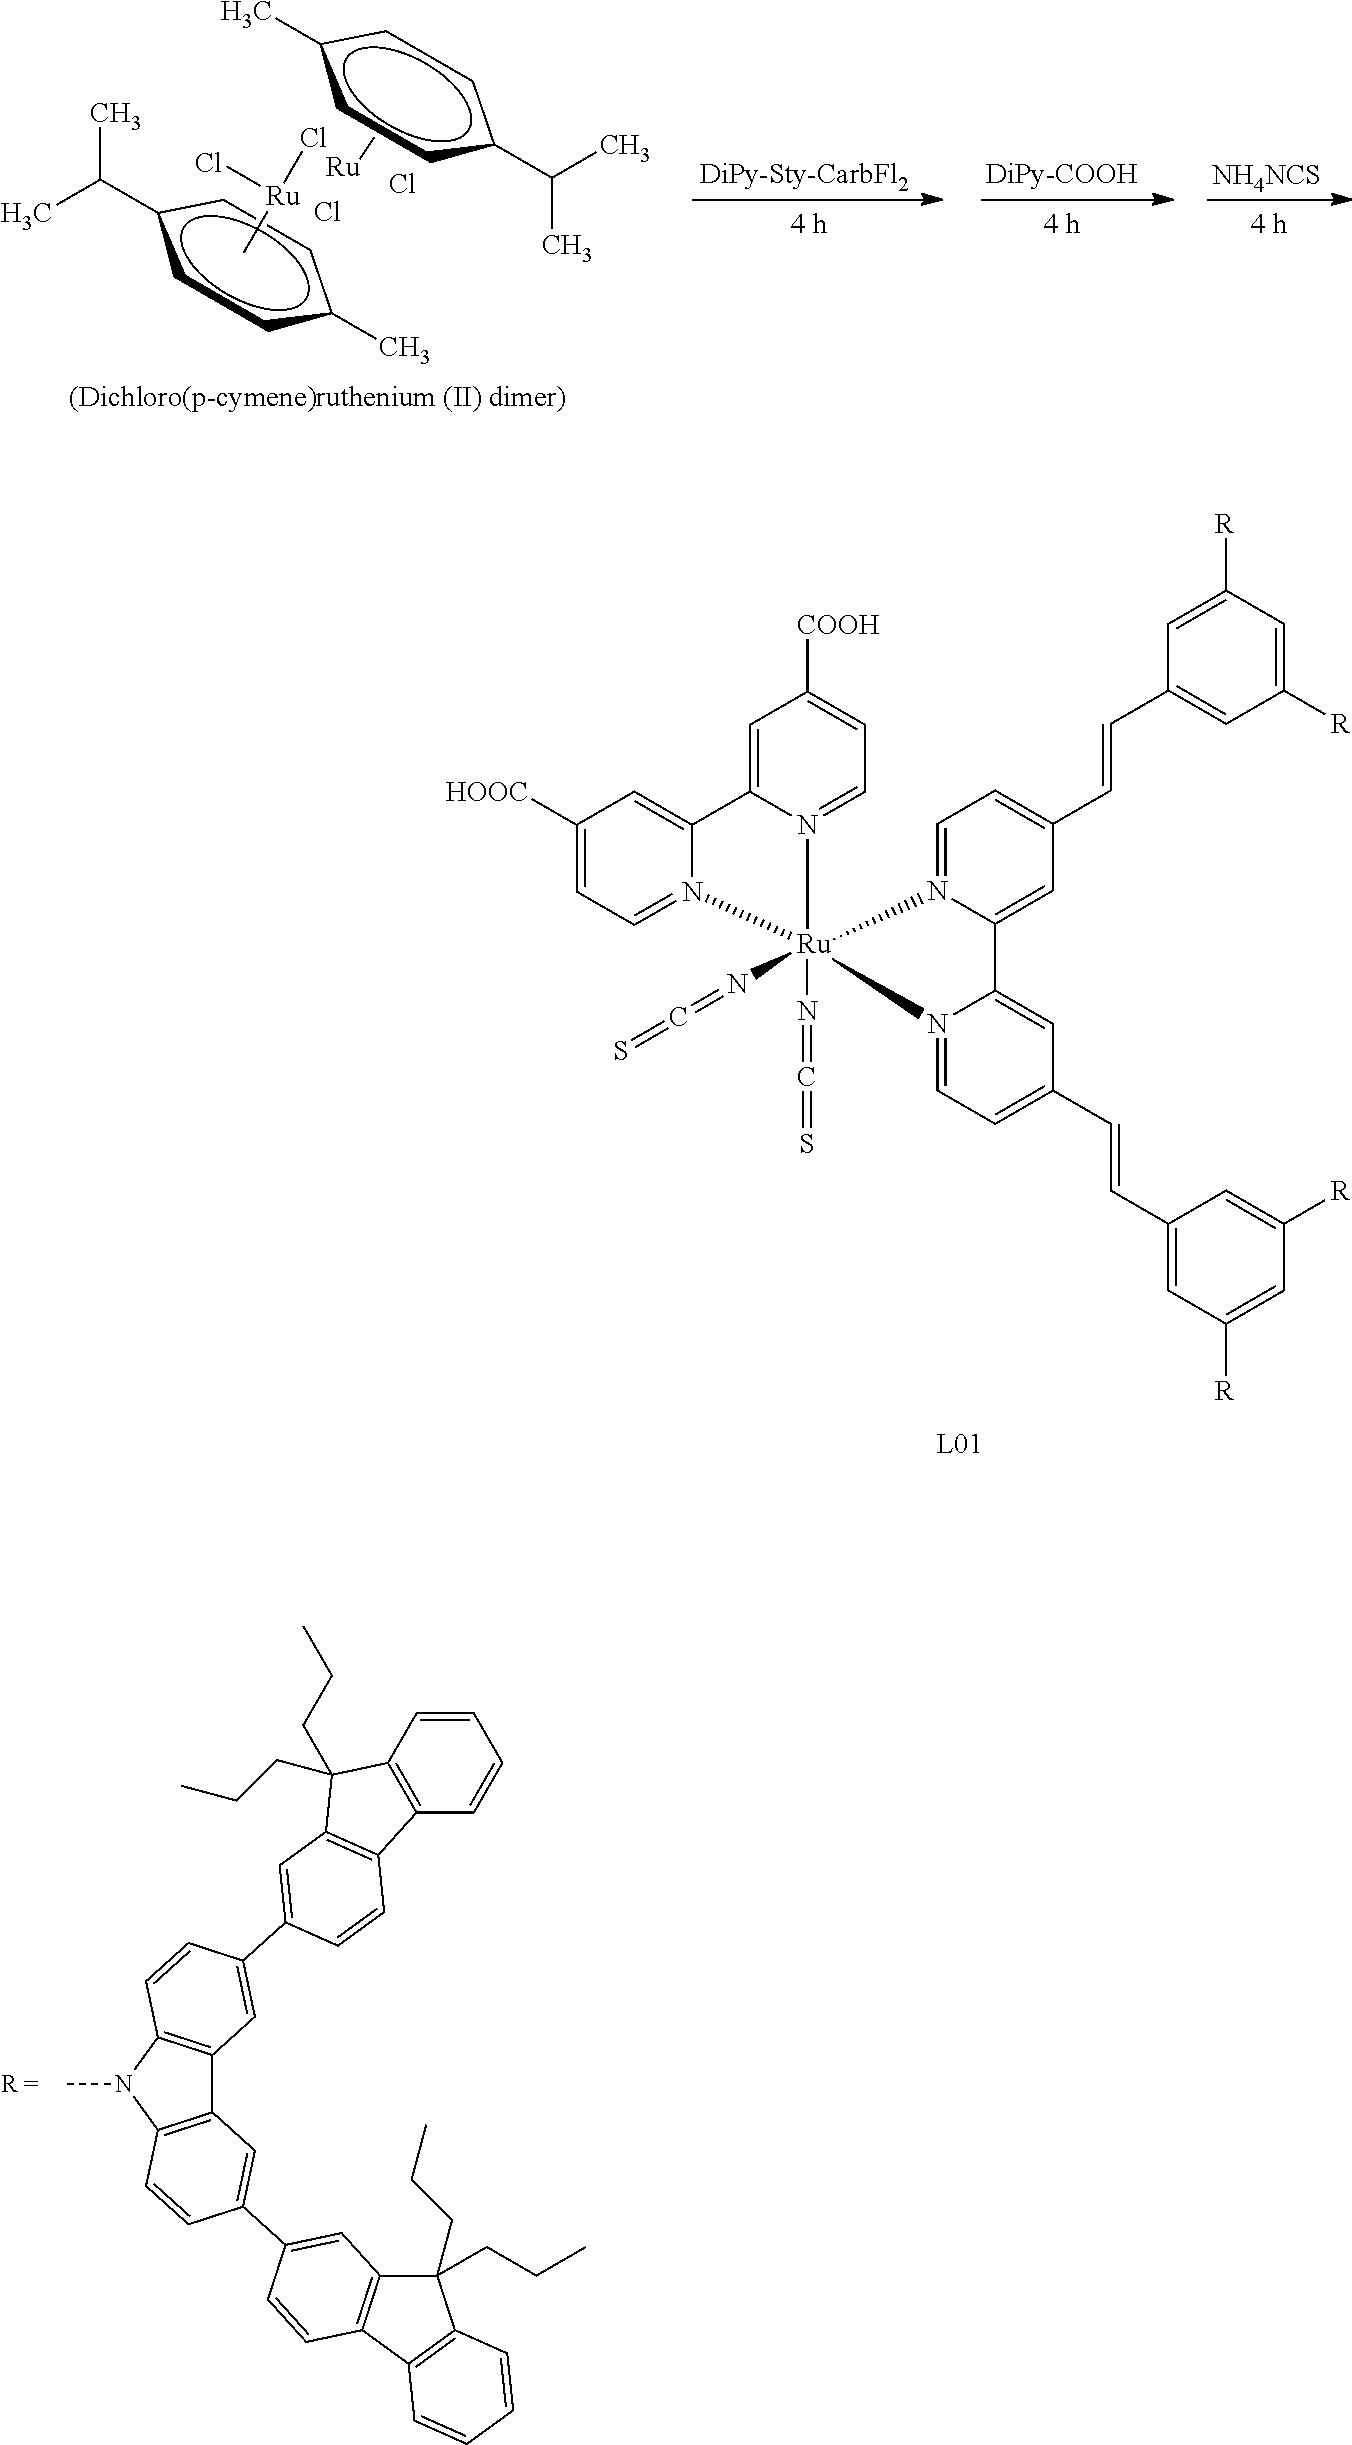 Figure US20110056561A1-20110310-C00026